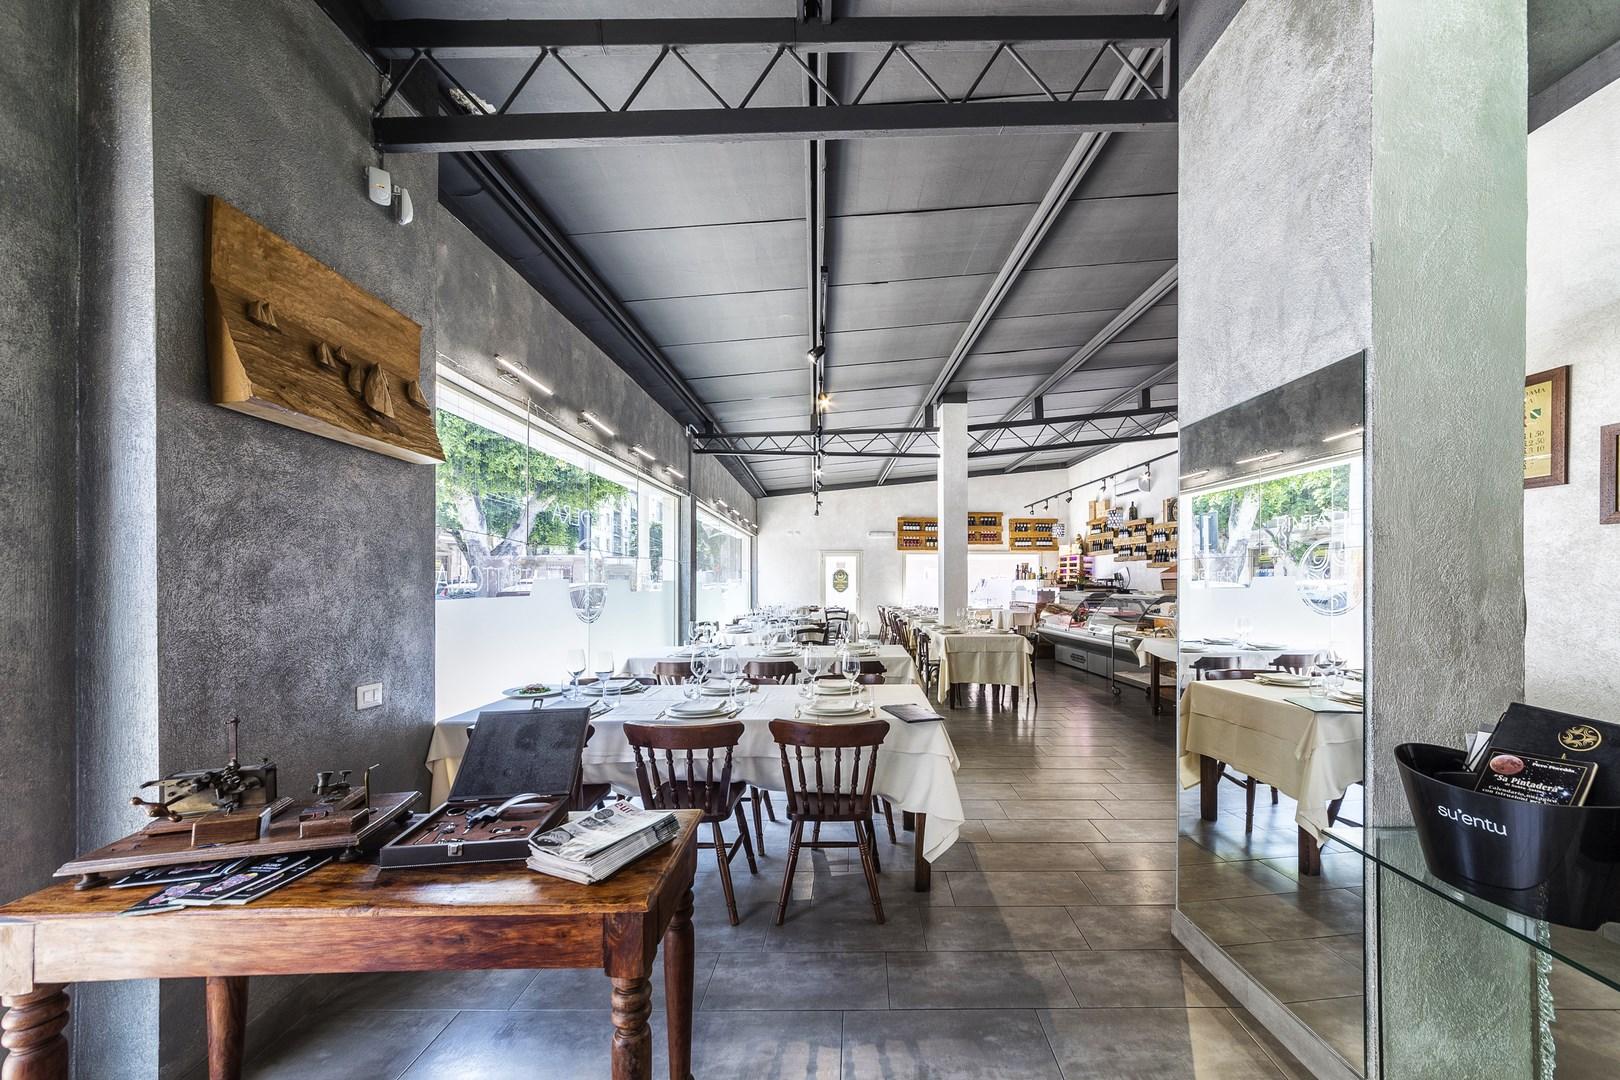 ristorante cucina tipica cagliari